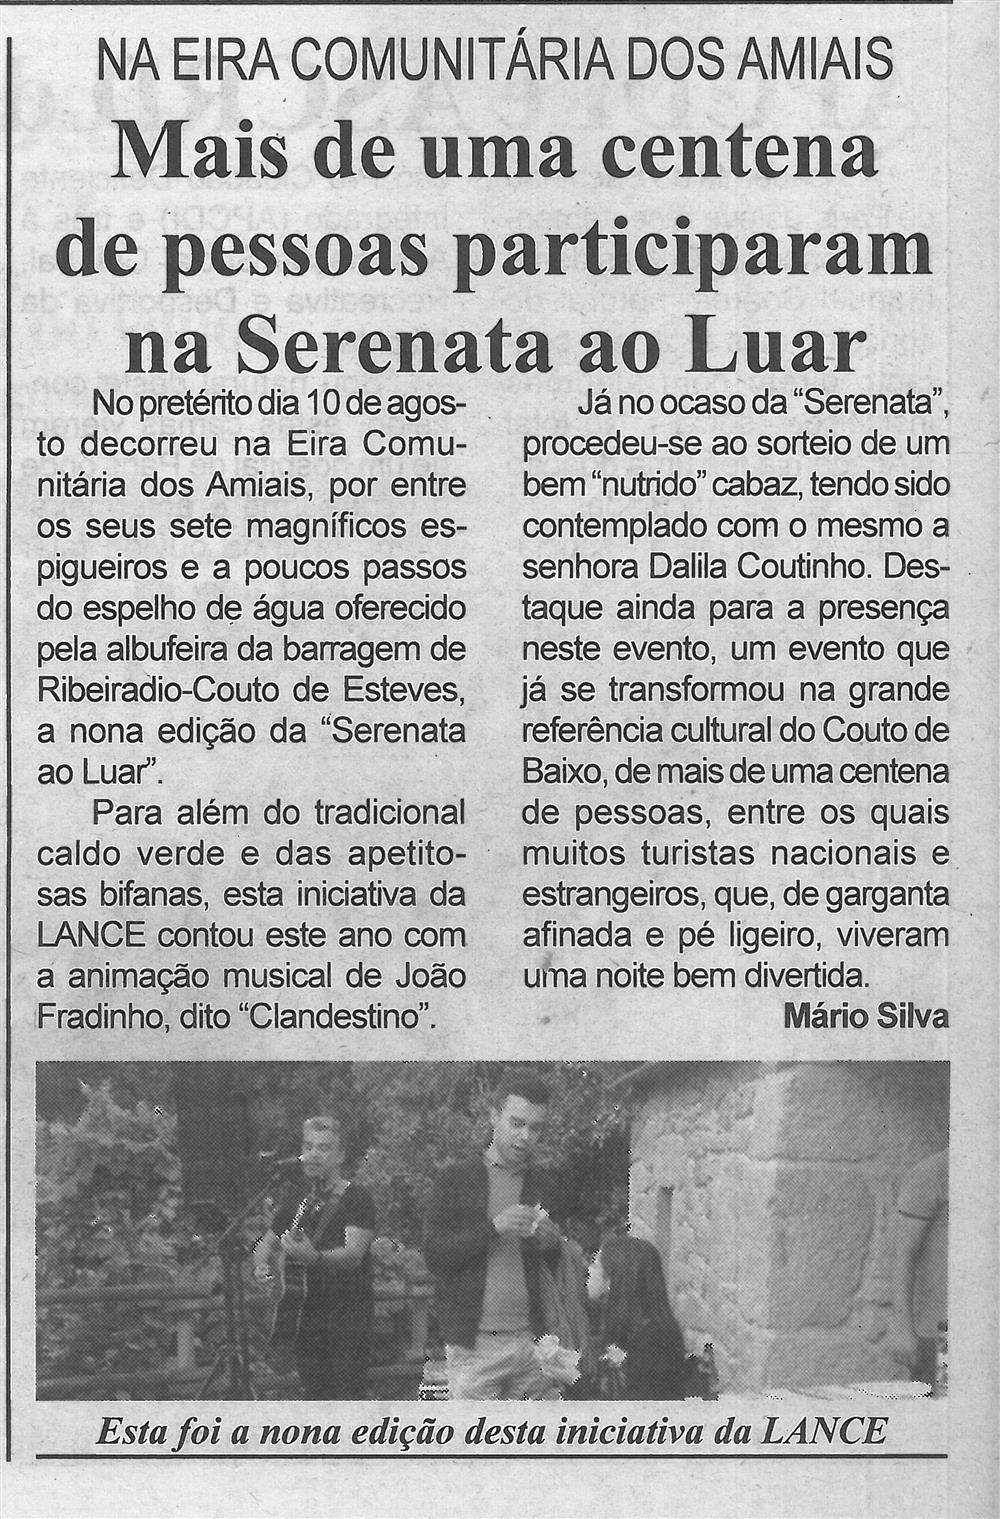 BV-1.ªset.'19-p.4-Mais de uma centena de pessoas participaram na Serenata ao Luar : na Eira Comunitária dos Amiais.jpg